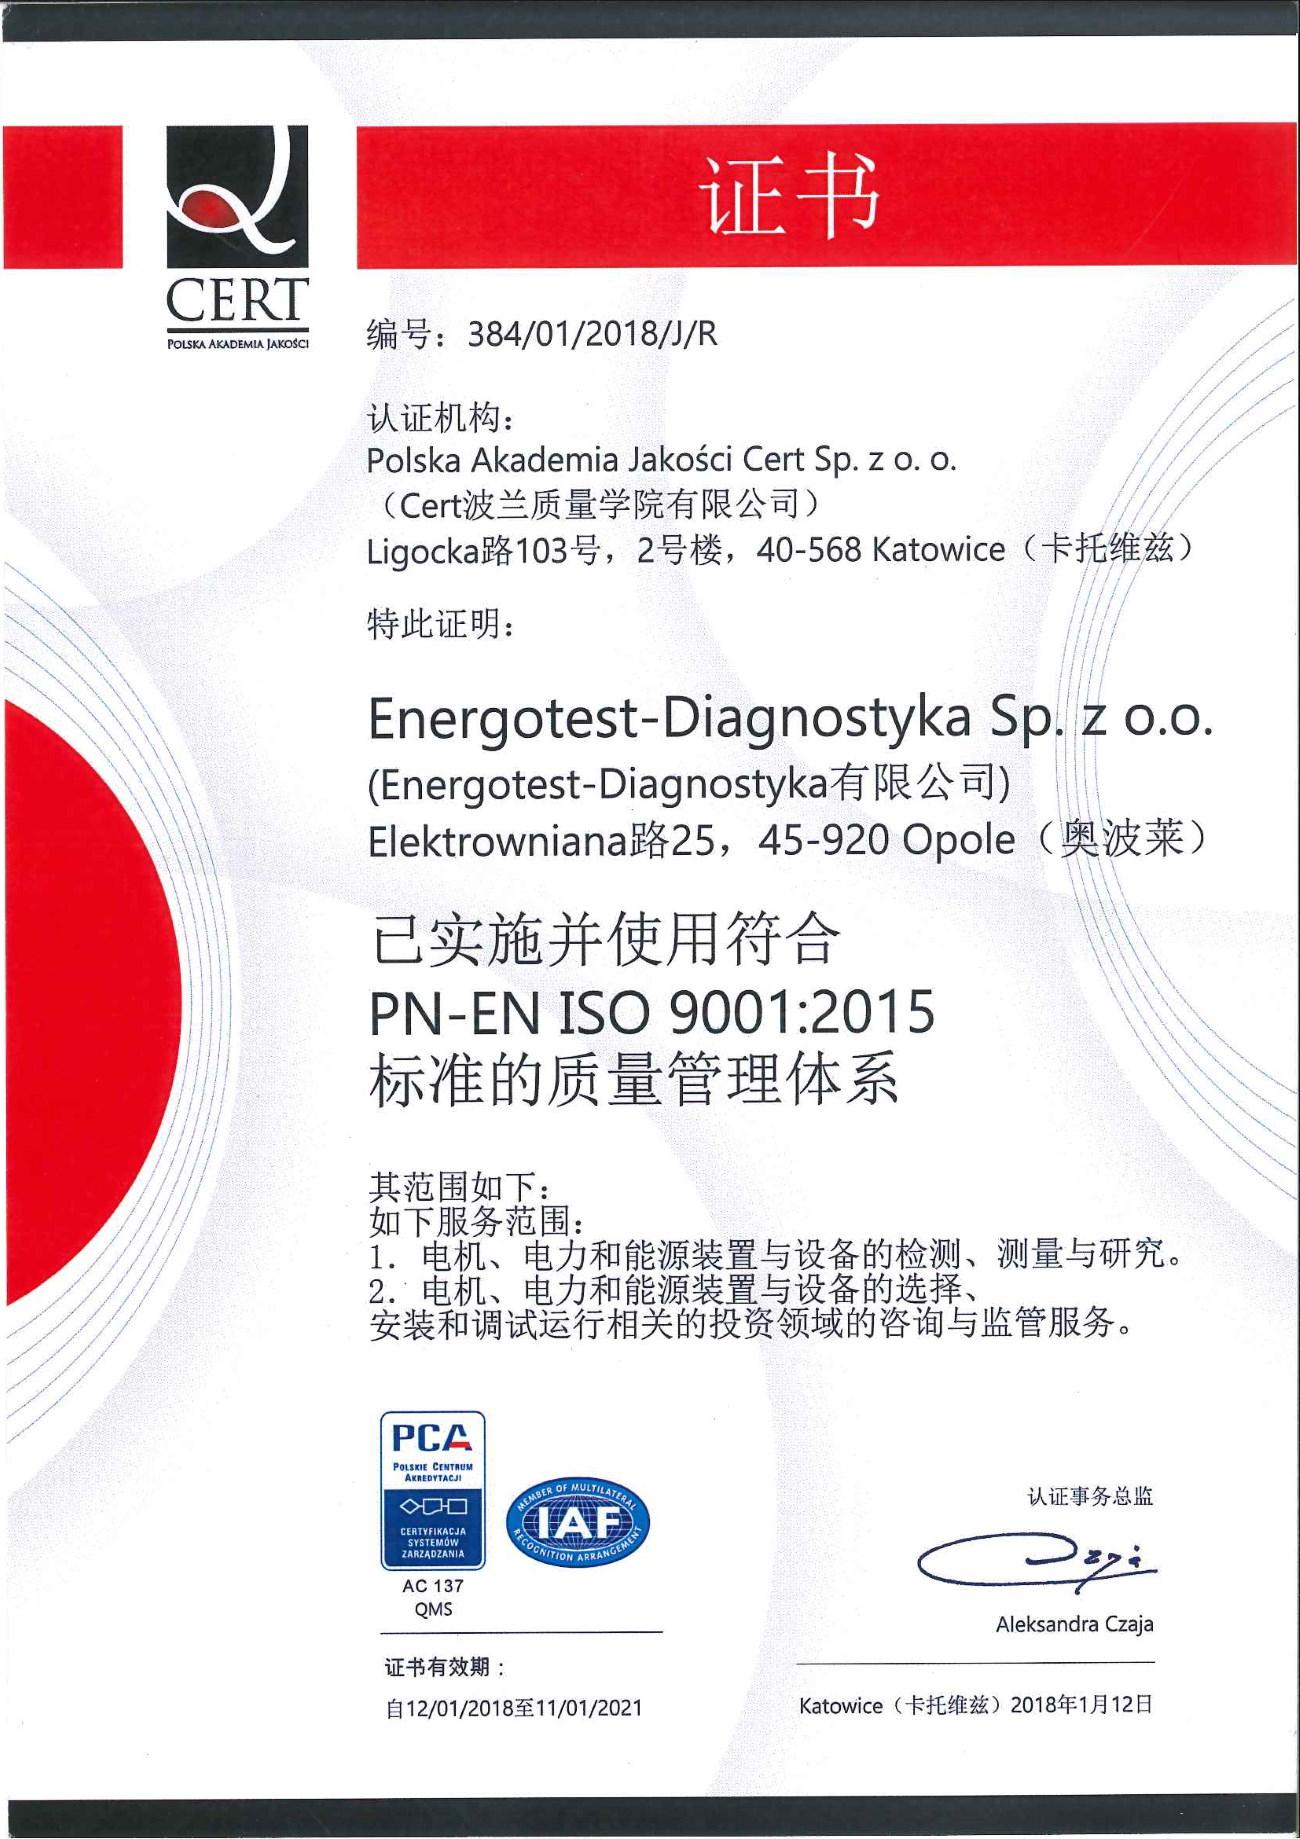 Certyfikat PN-EN ISO 9001:2015 Chinese